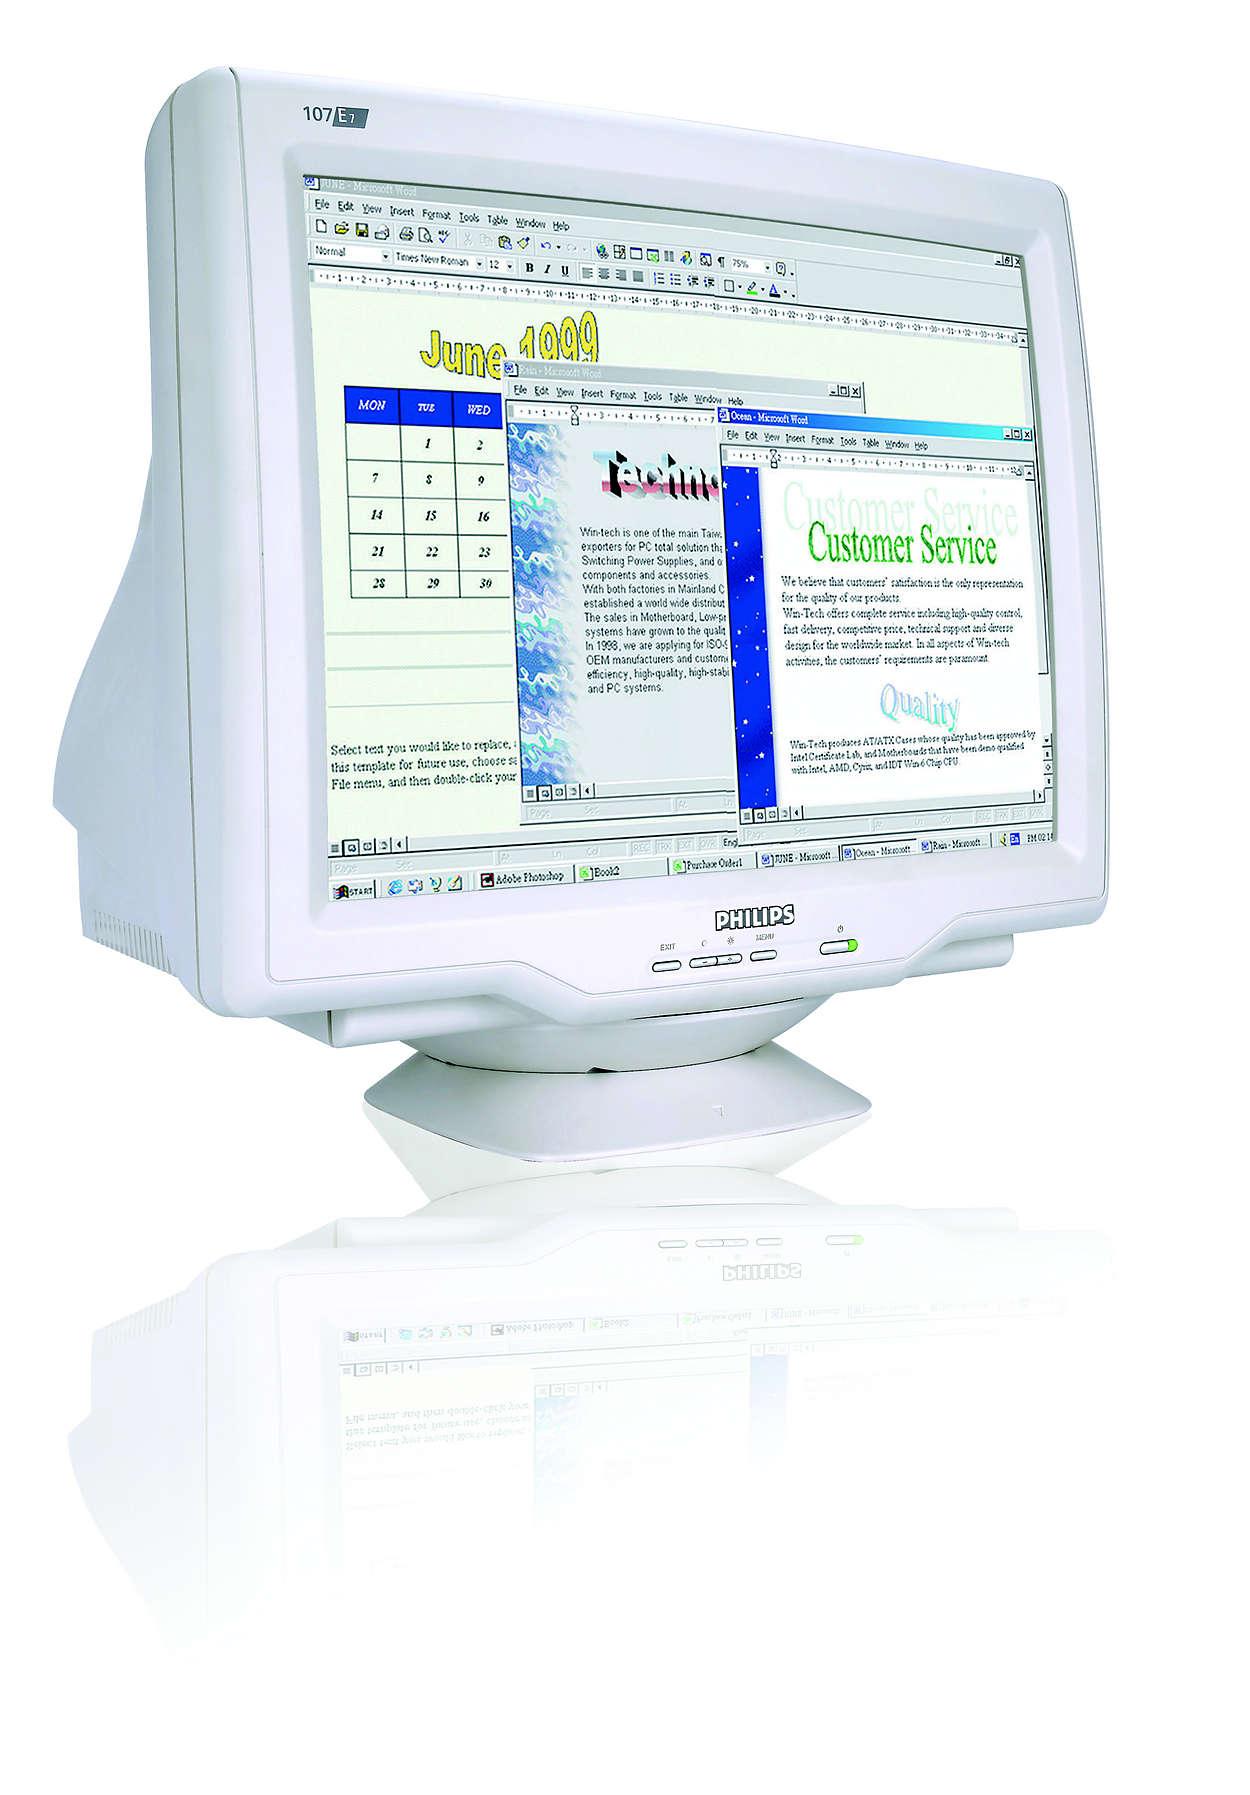 цифровизирана ЕЛТ, идеален размер на екрана и стойност